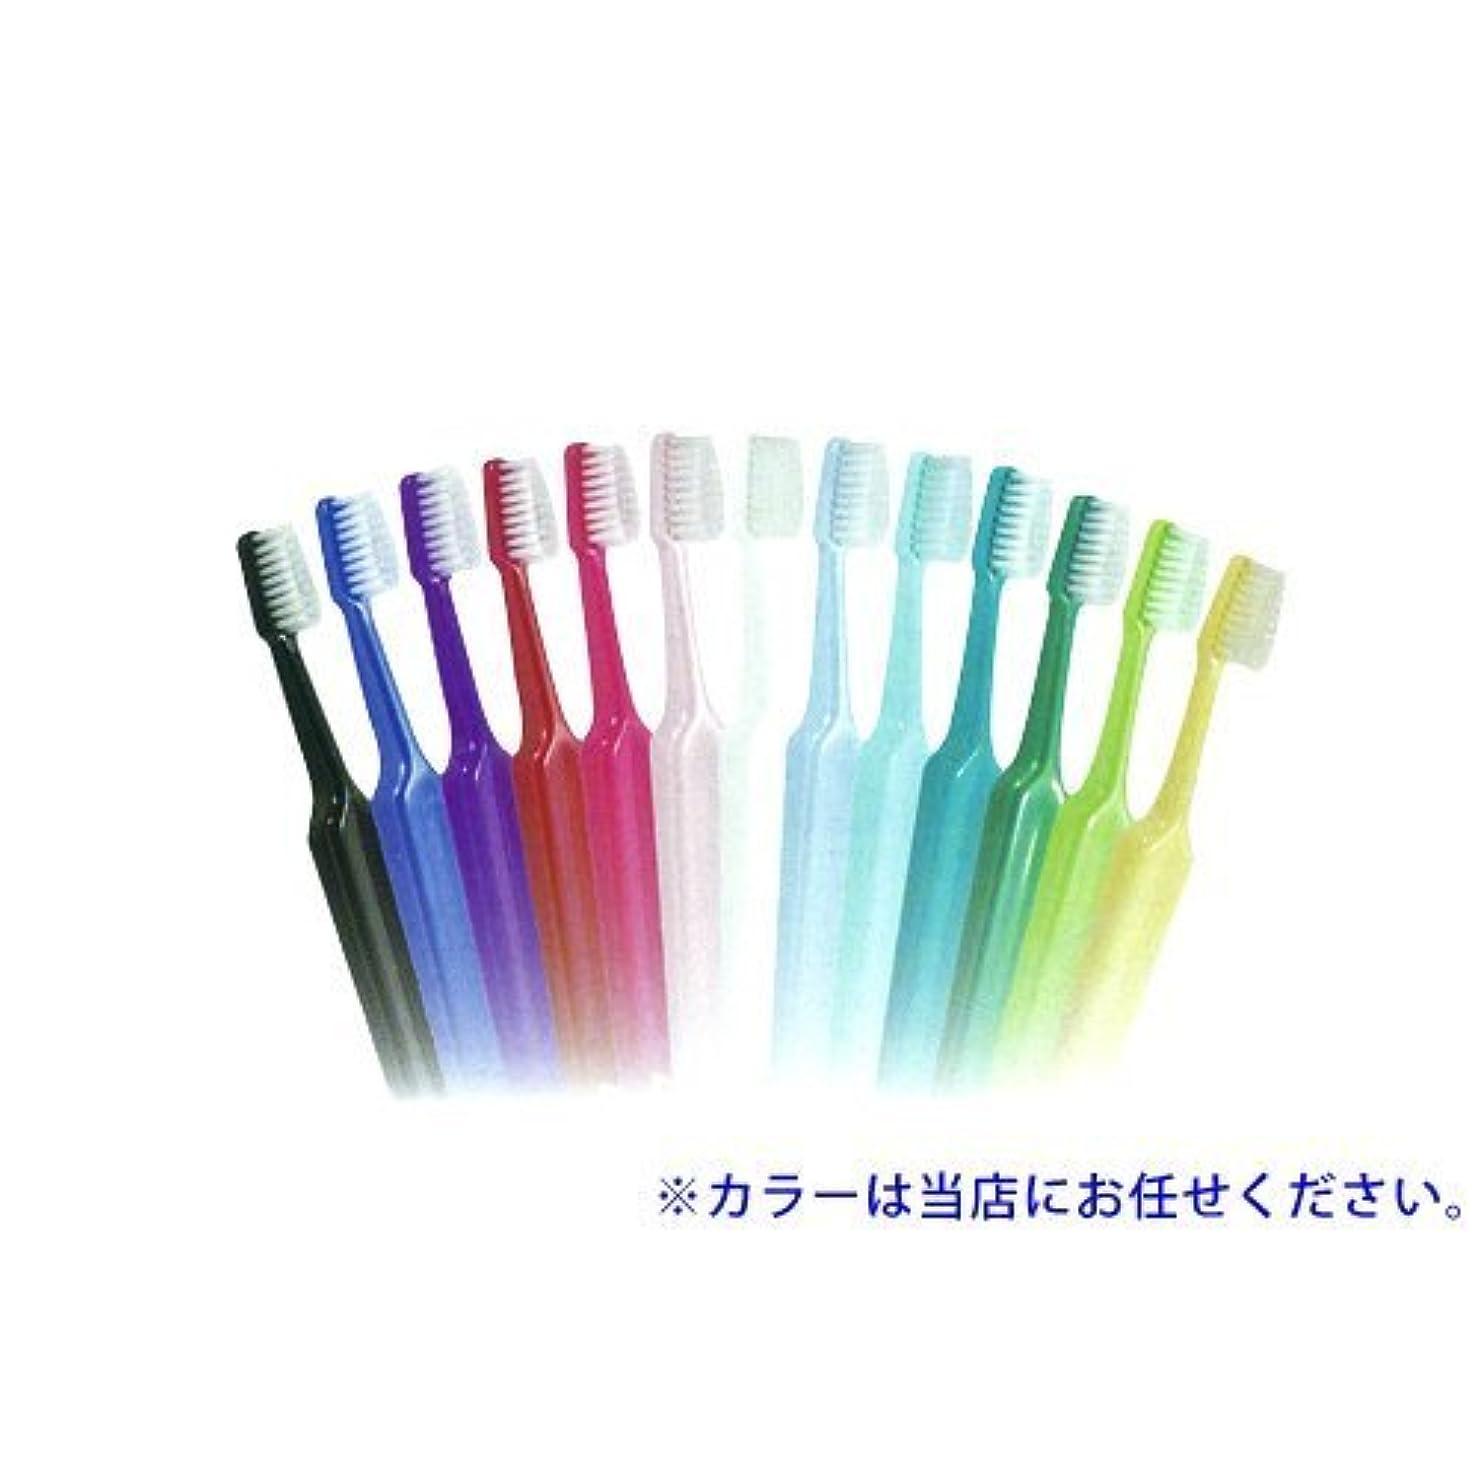 見る人資格情報数字Tepe歯ブラシ セレクトミニ/エクストラソフト 25本/箱